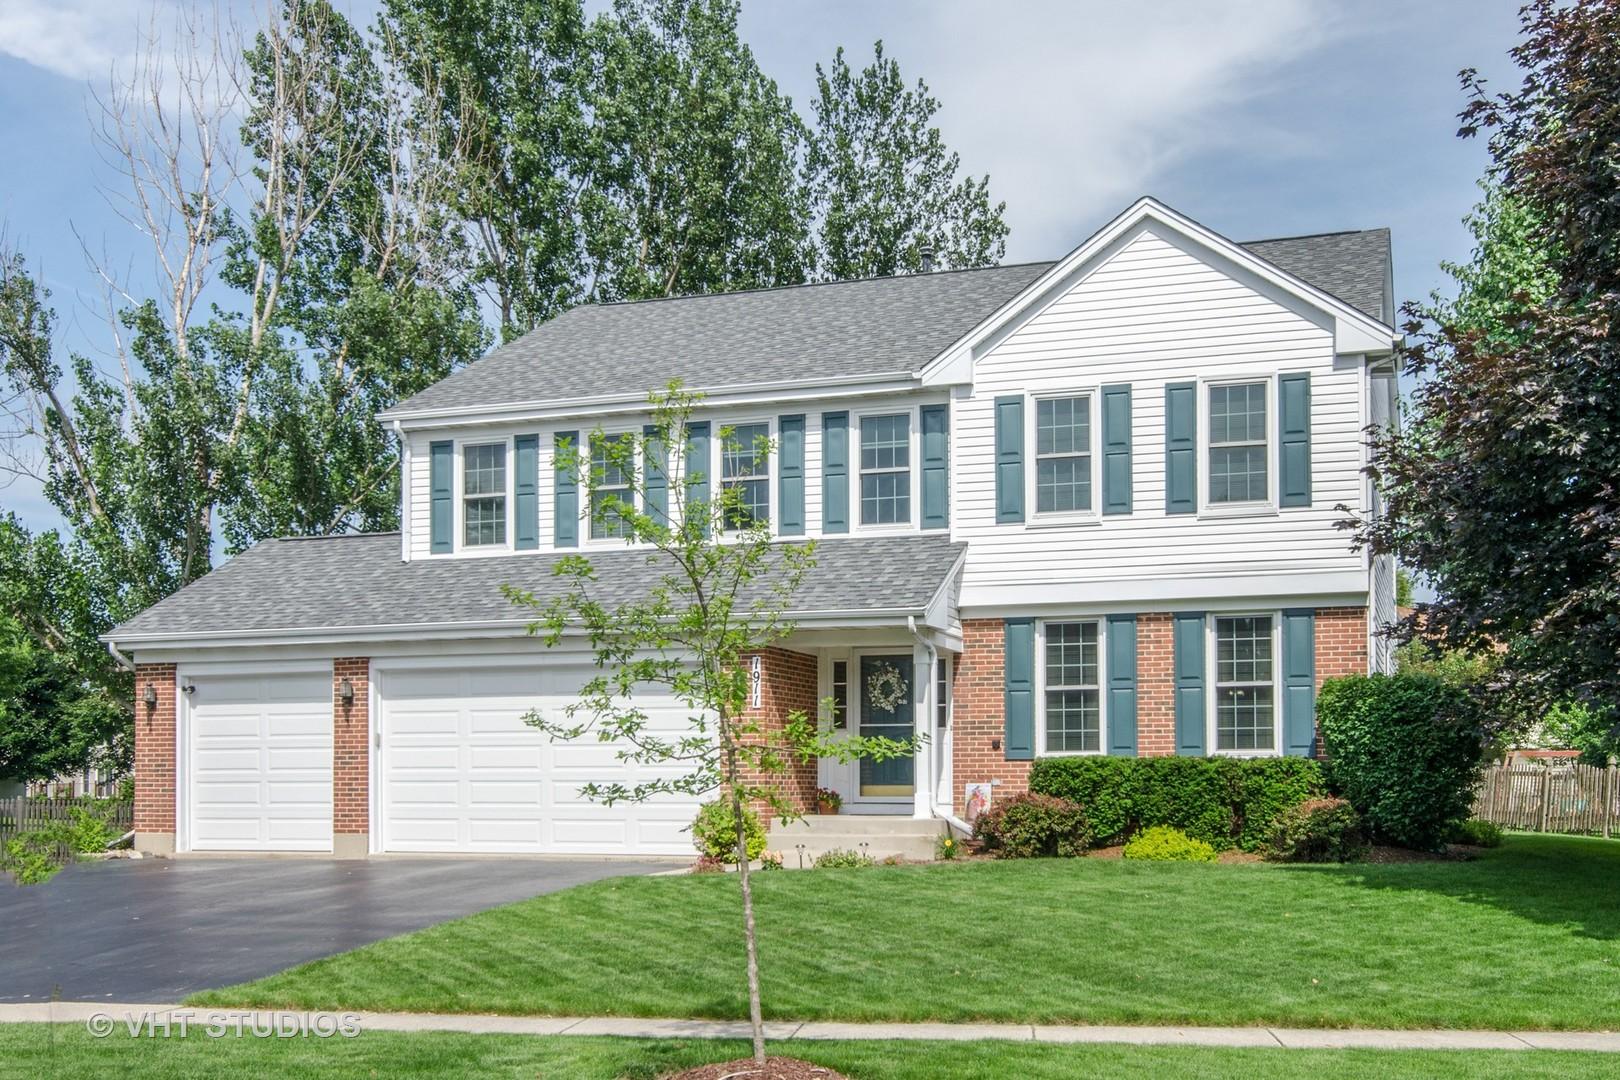 1911 Dorchester Avenue, Algonquin in Kane County, IL 60102 Home for Sale